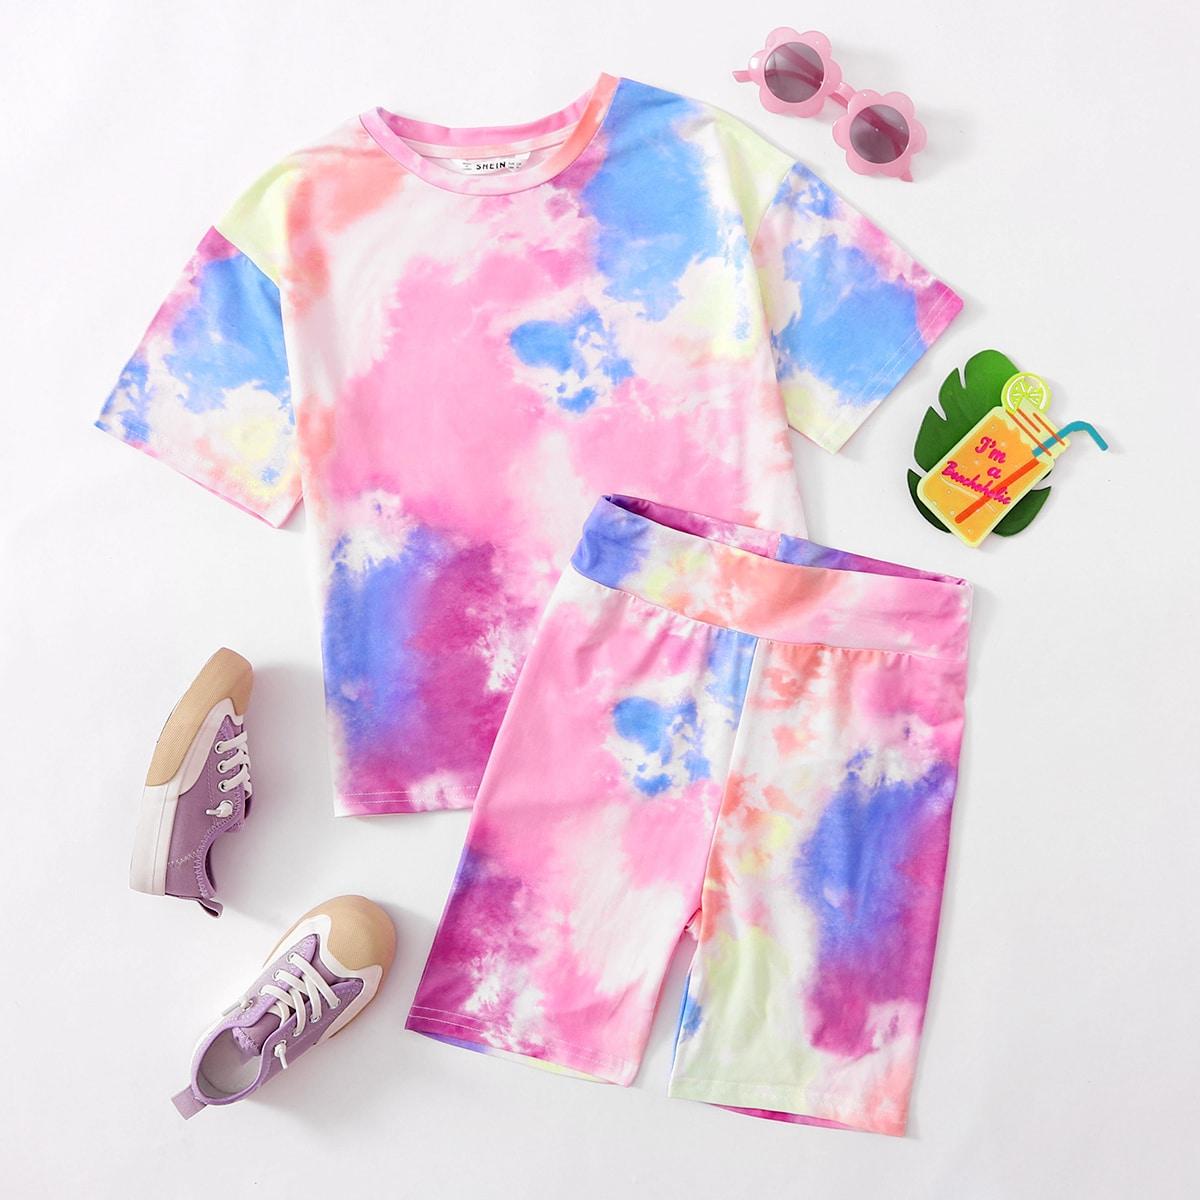 Разноцветная футболка и байкерские шорты для девочек фото